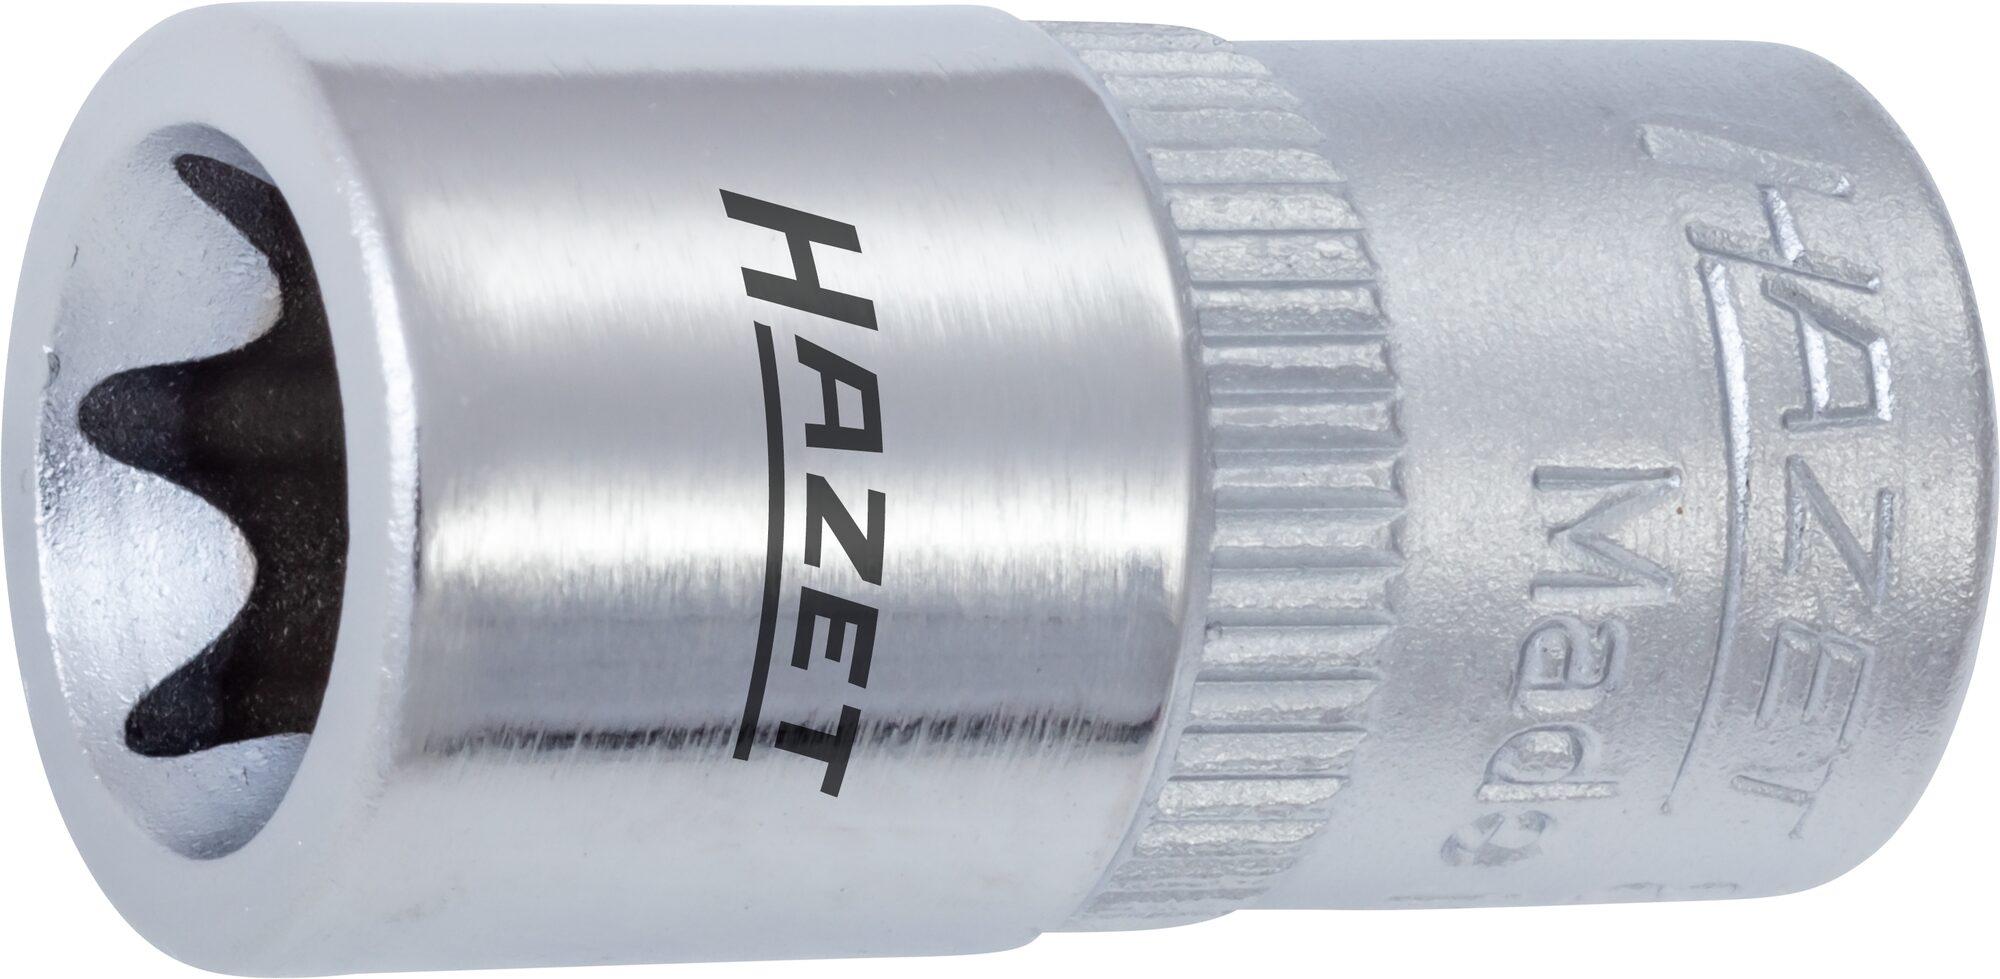 HAZET Steckschlüsseleinsatz TORX® 850-E4 ∙ Vierkant hohl 6,3 mm (1/4 Zoll) ∙ Außen TORX® Profil ∙ E4